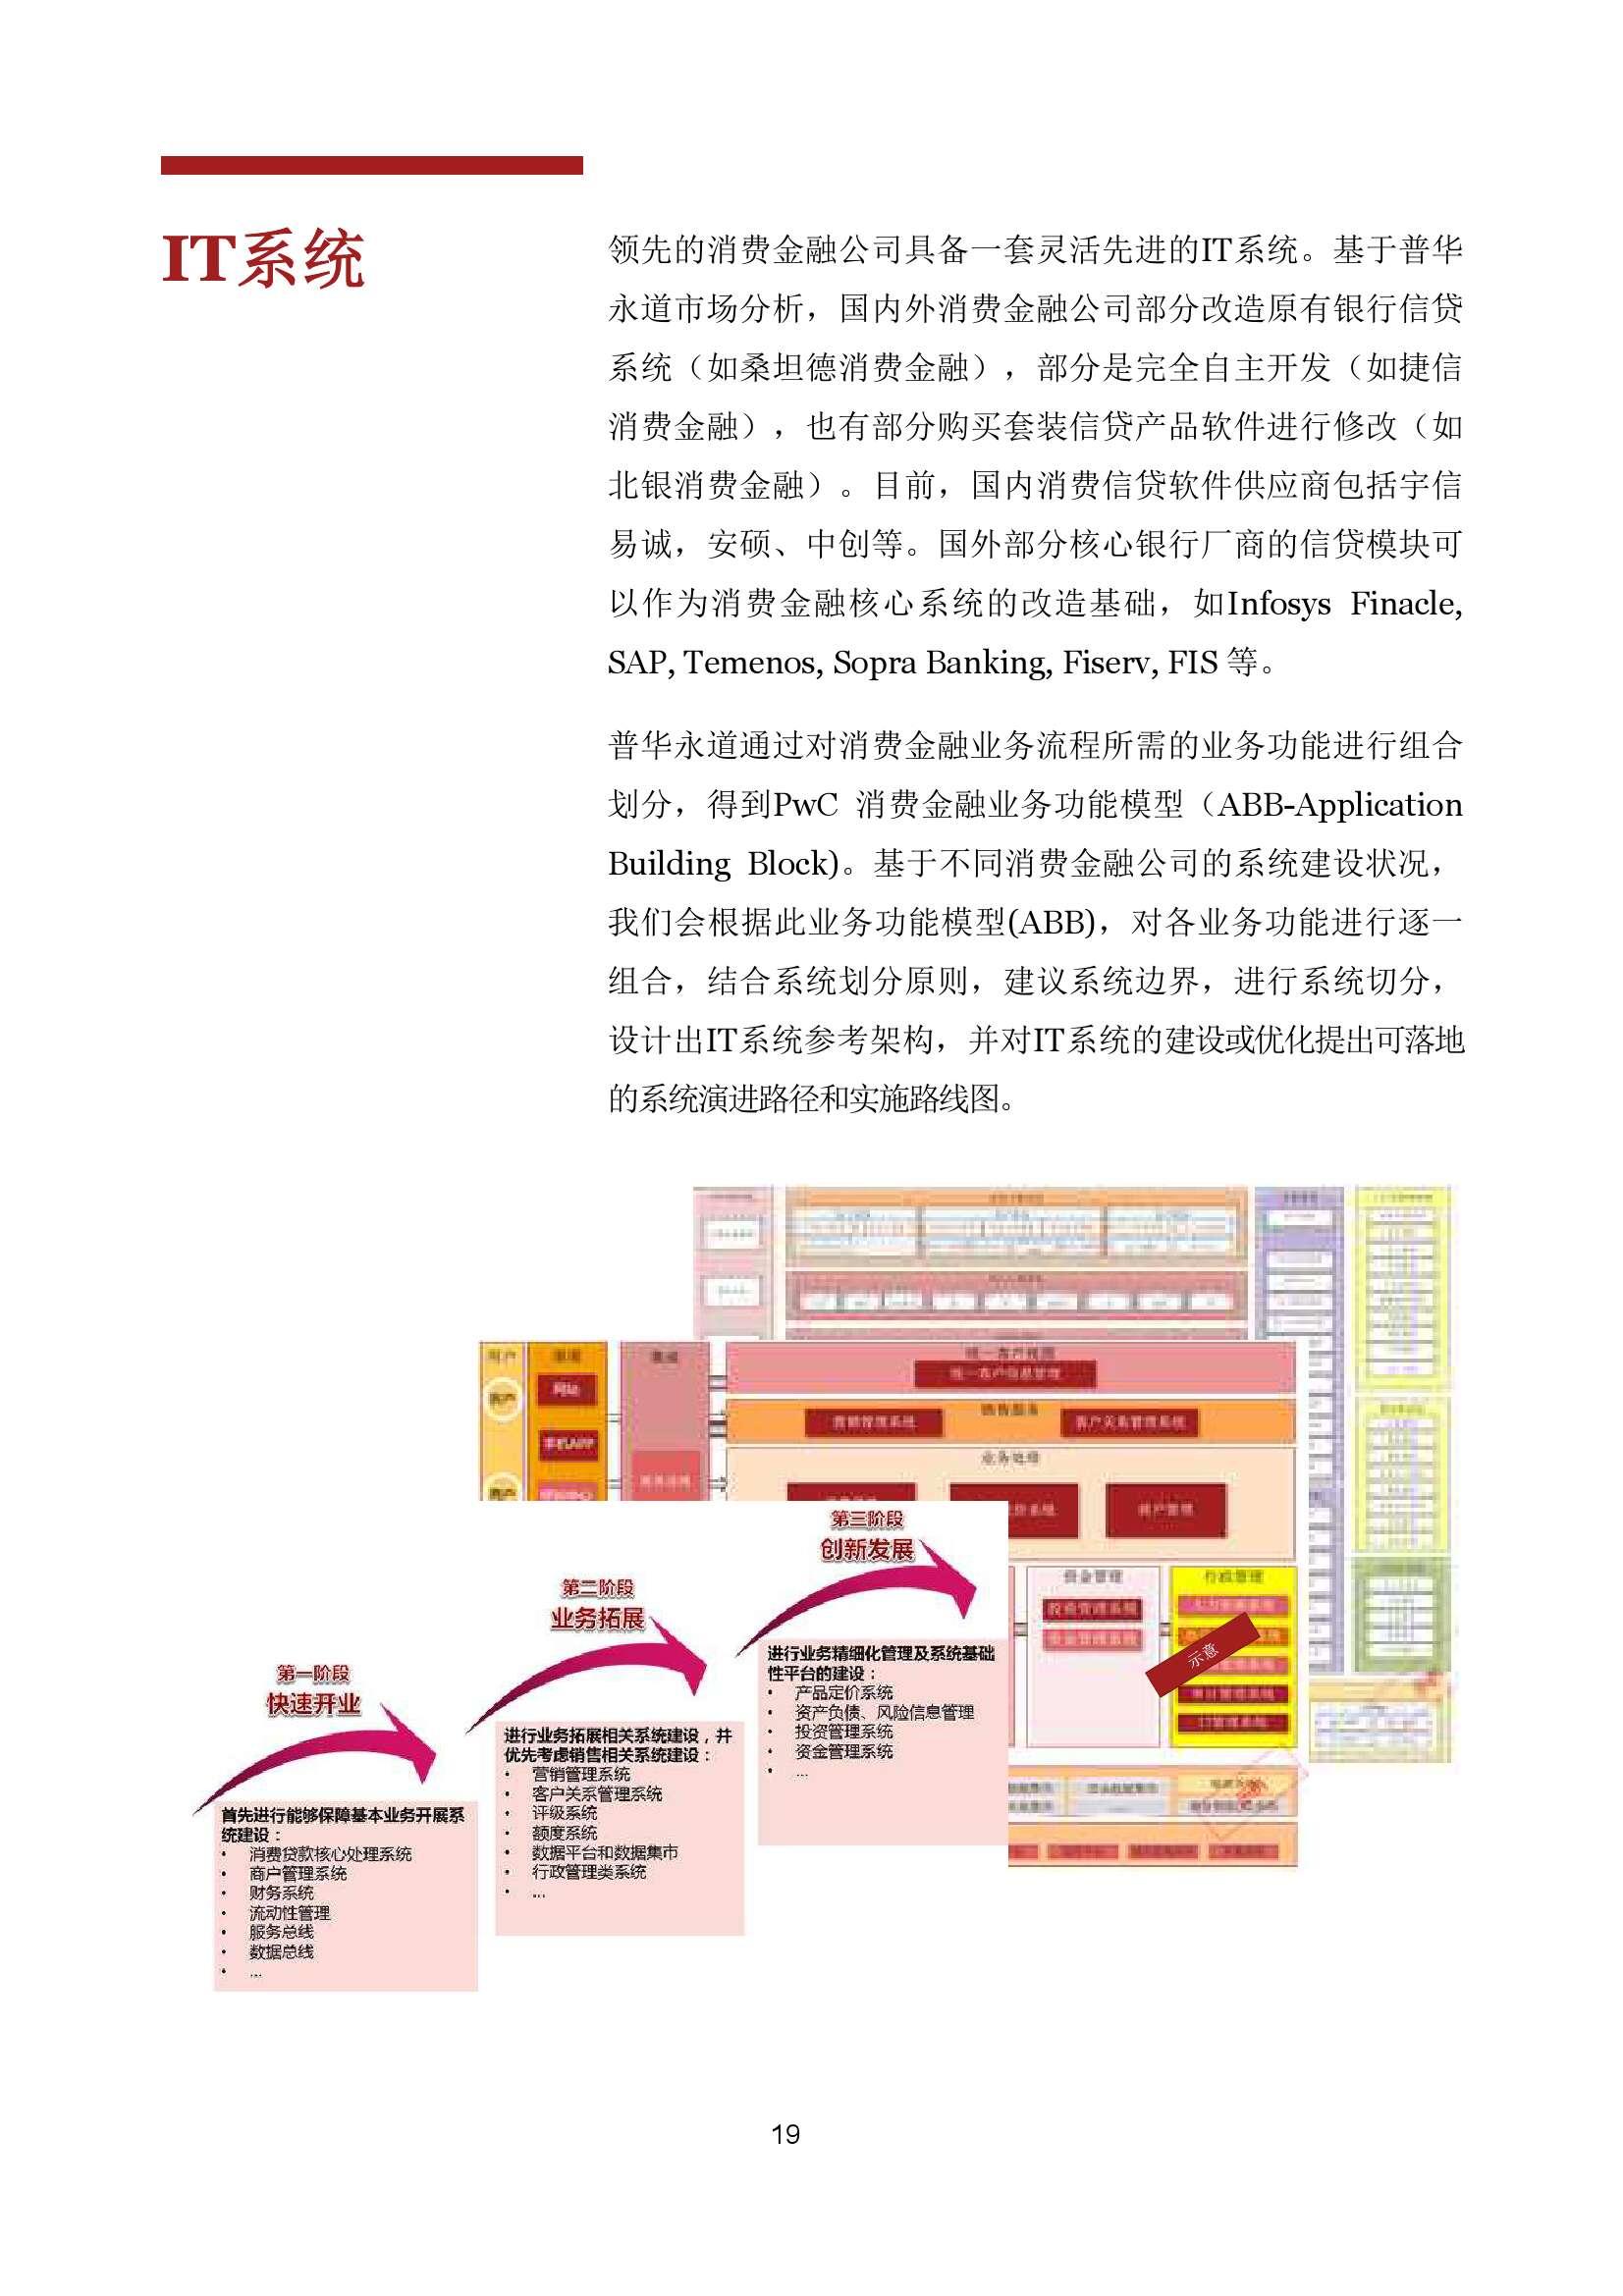 中国零售银行的蓝海_000019